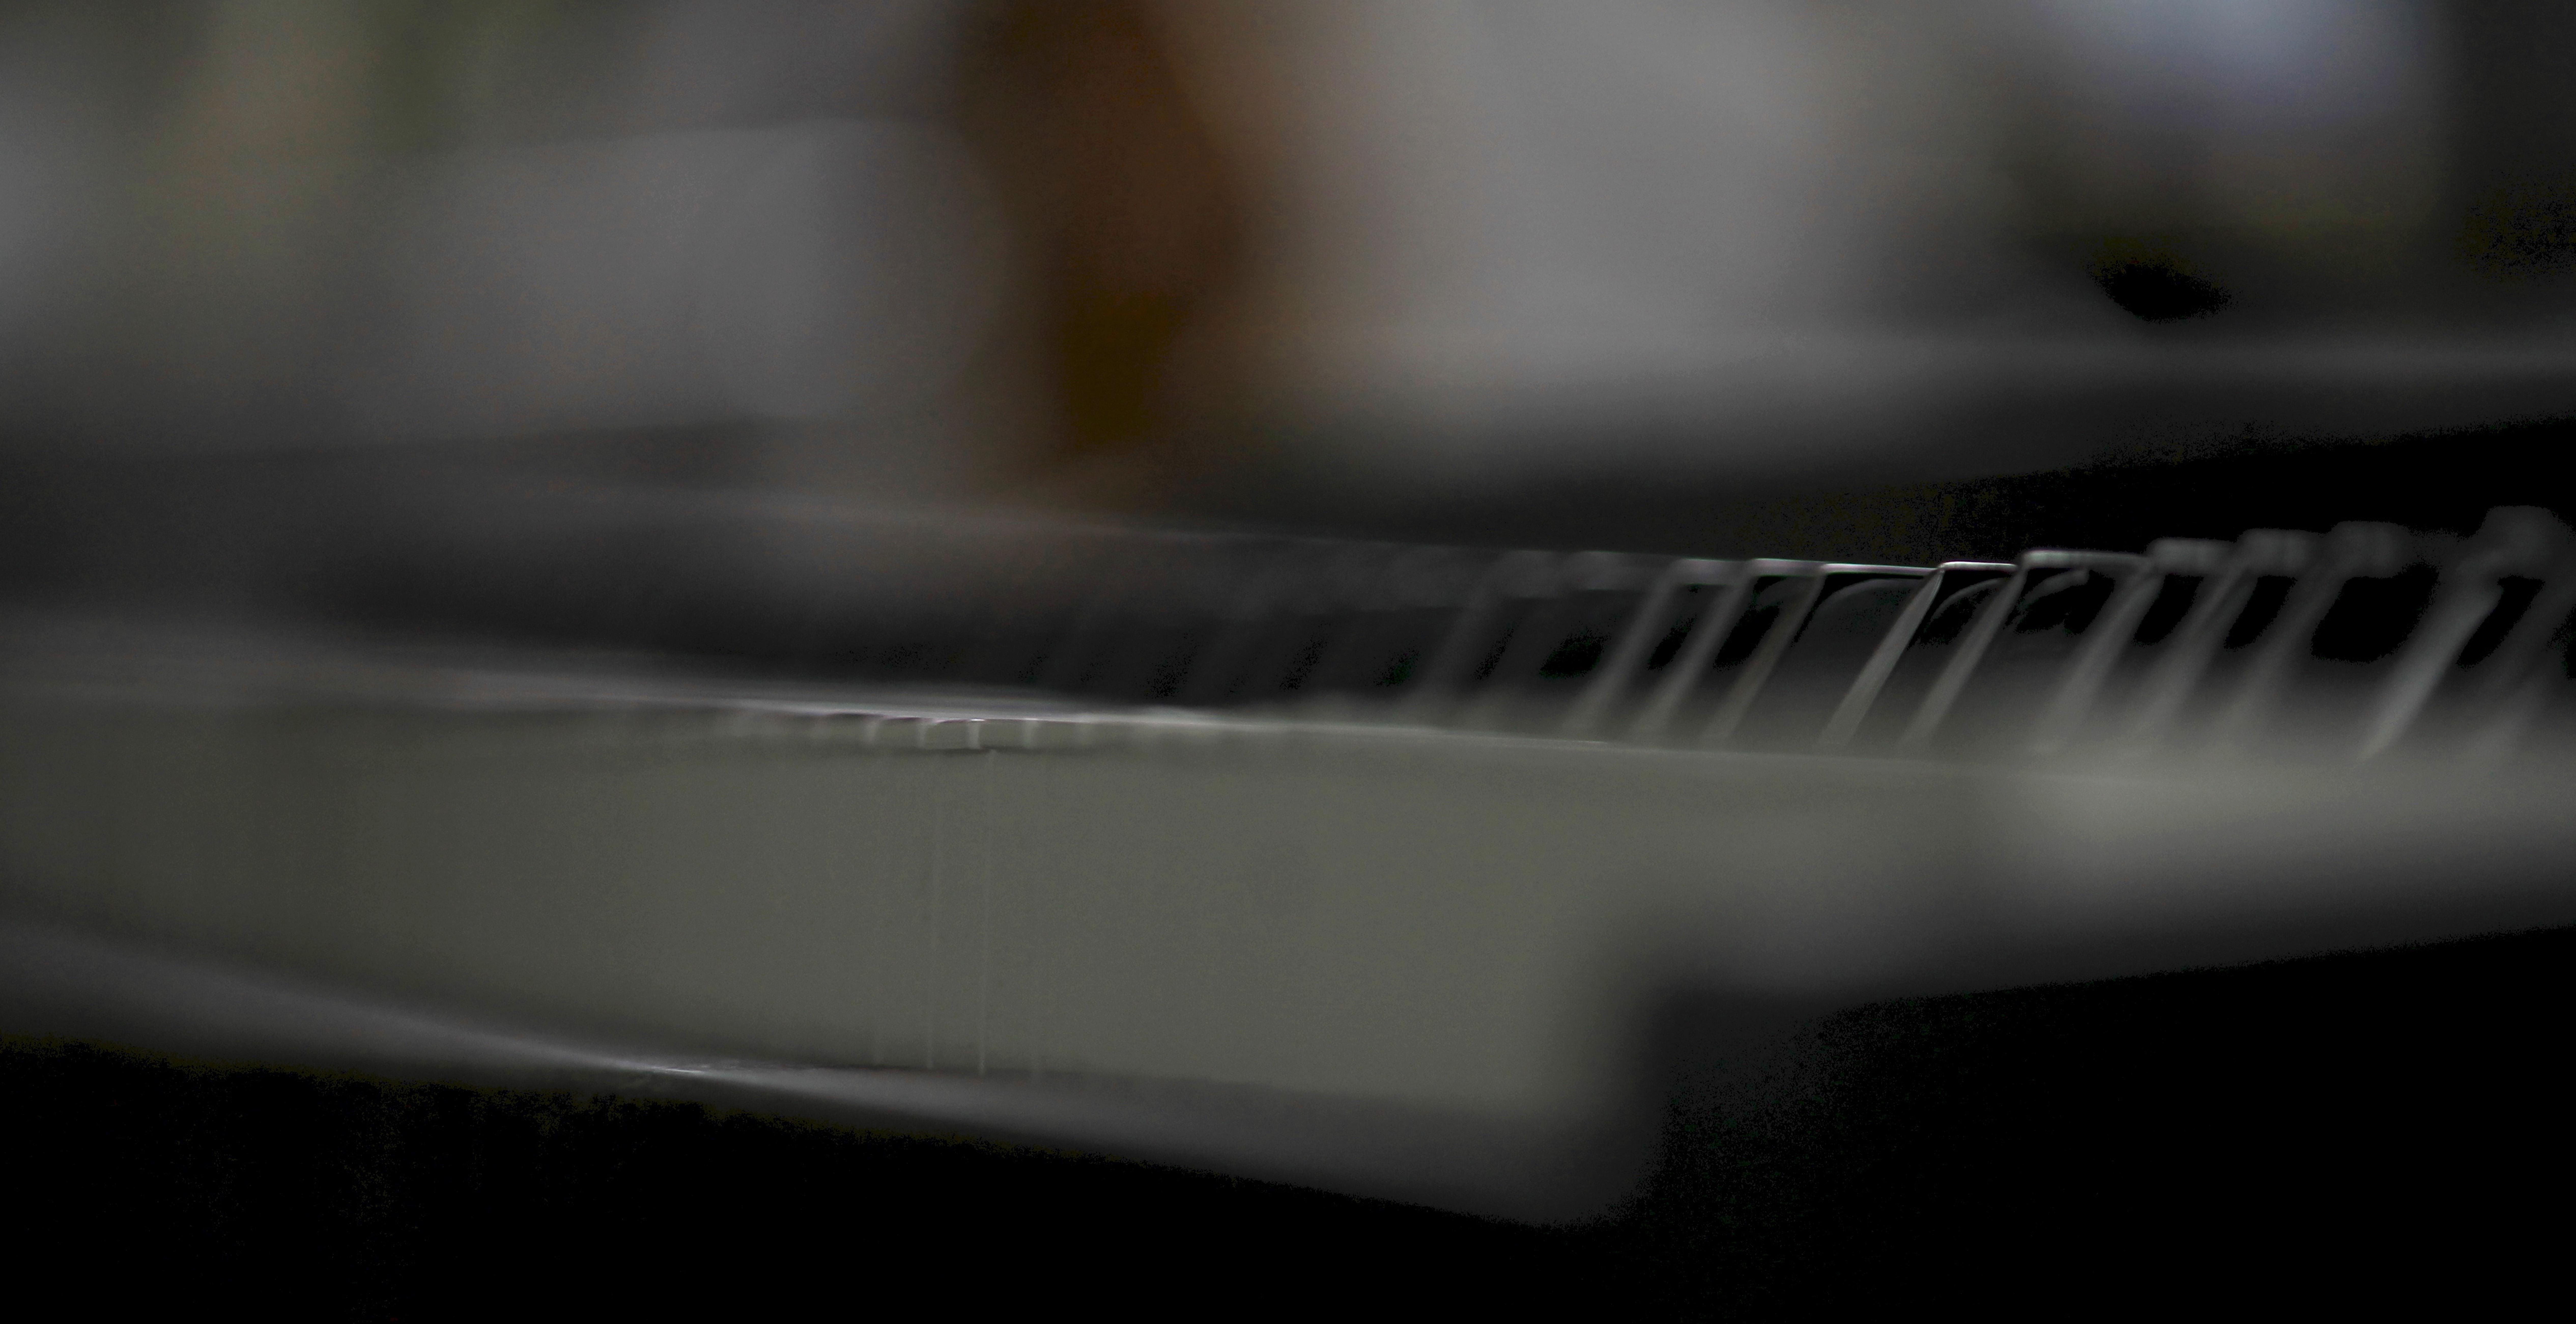 Las blancas del piano